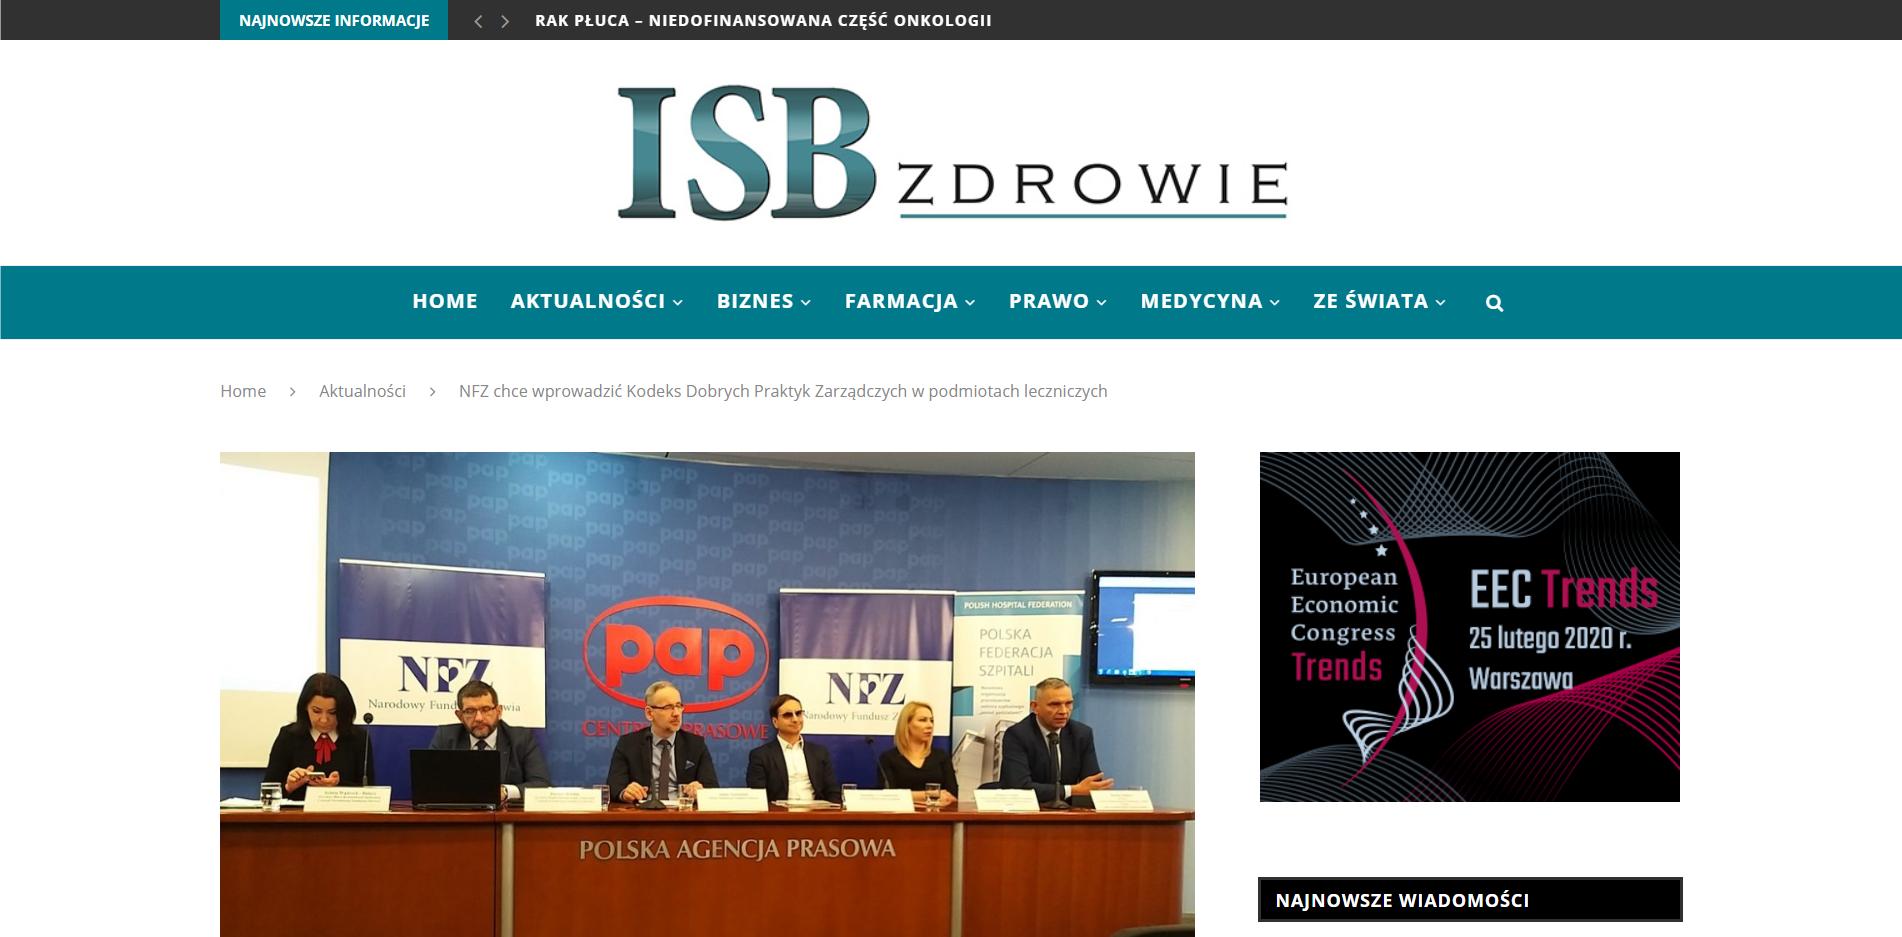 NFZ chce wprowadzić Kodeks Dobrych Praktyk Zarządczych w podmiotach leczniczych